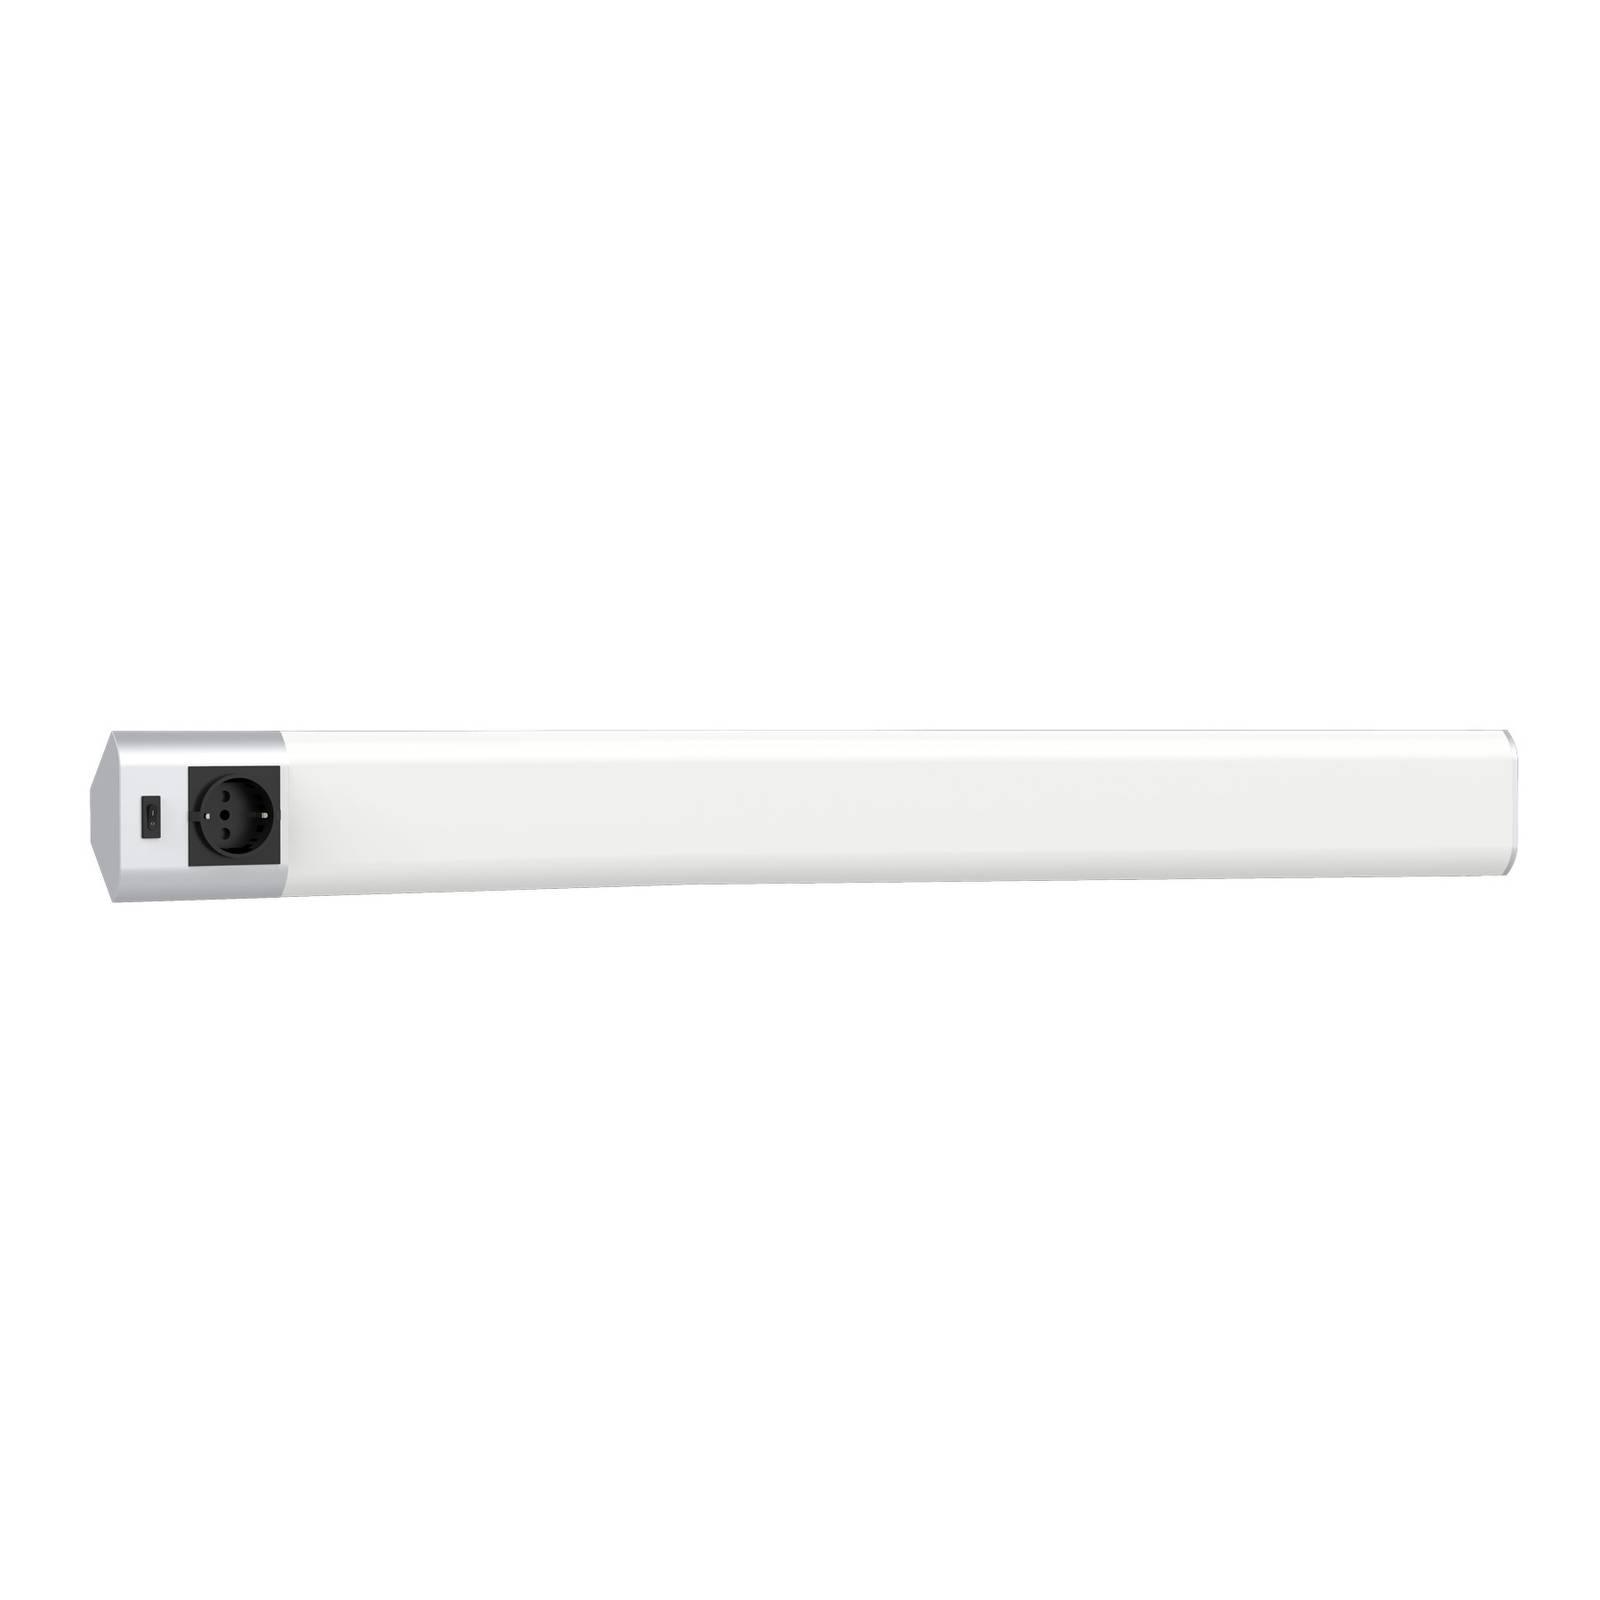 Lindby Eray -LED-kaapinalusvalo, pistorasia, 83cm